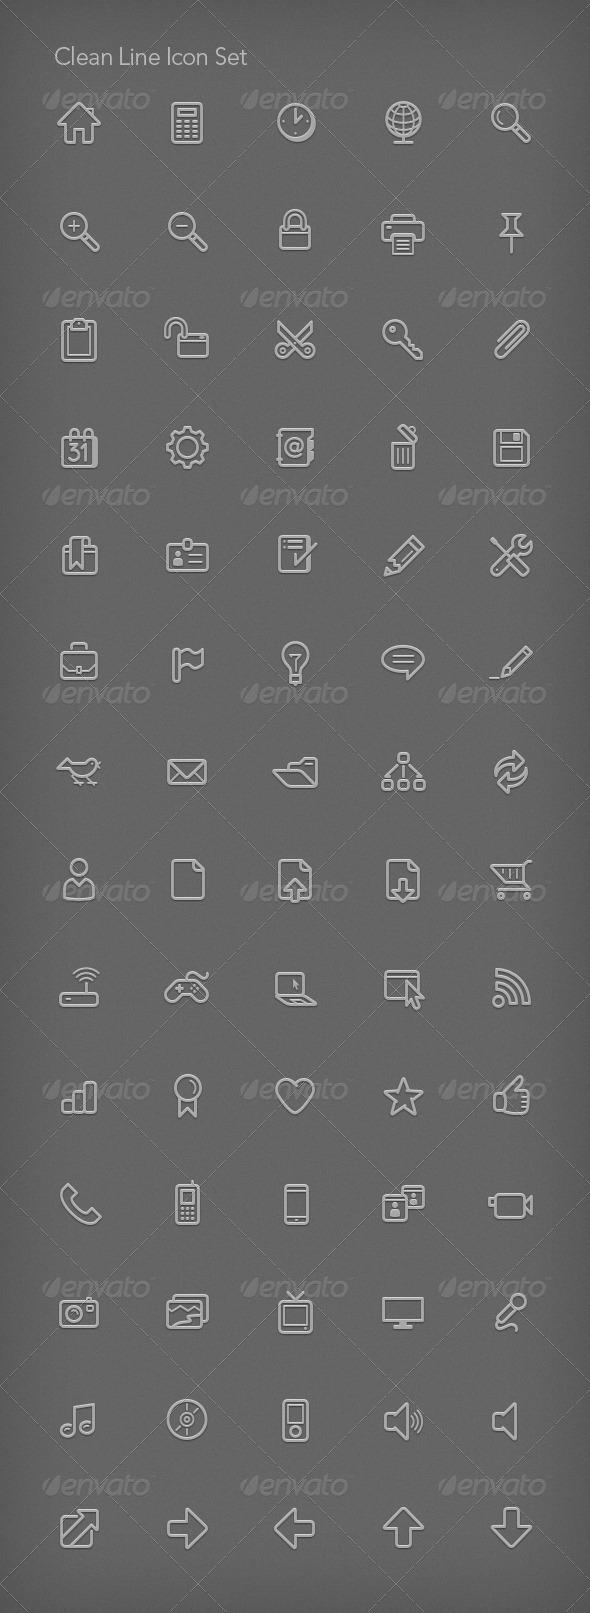 GraphicRiver Clean Line Icon Set 82130